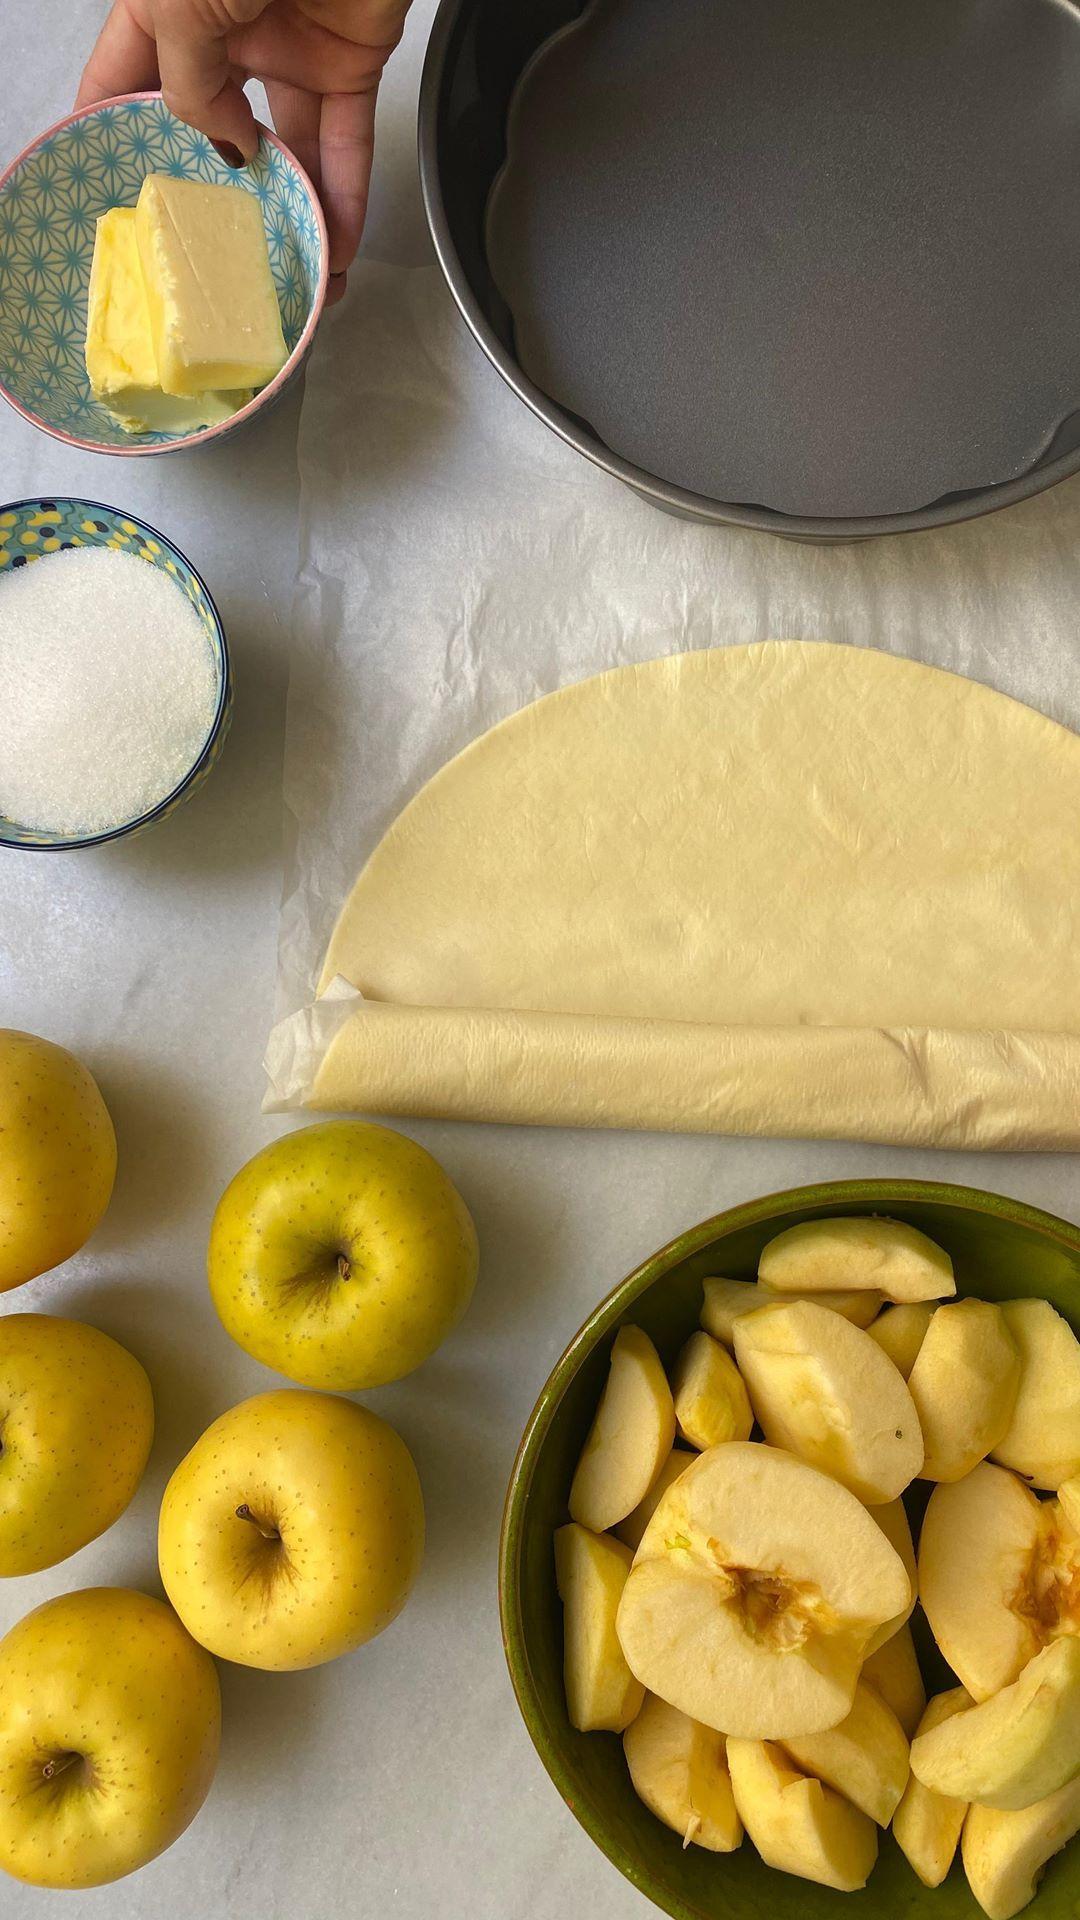 Con Solo Cuatro Ingredientes Puedes Preparar La Tarta Tatin De Samantha Vallejo Nájera Sí Nosotras También Nos Propusimos Dejar De Lado L Food Fruit Samantha